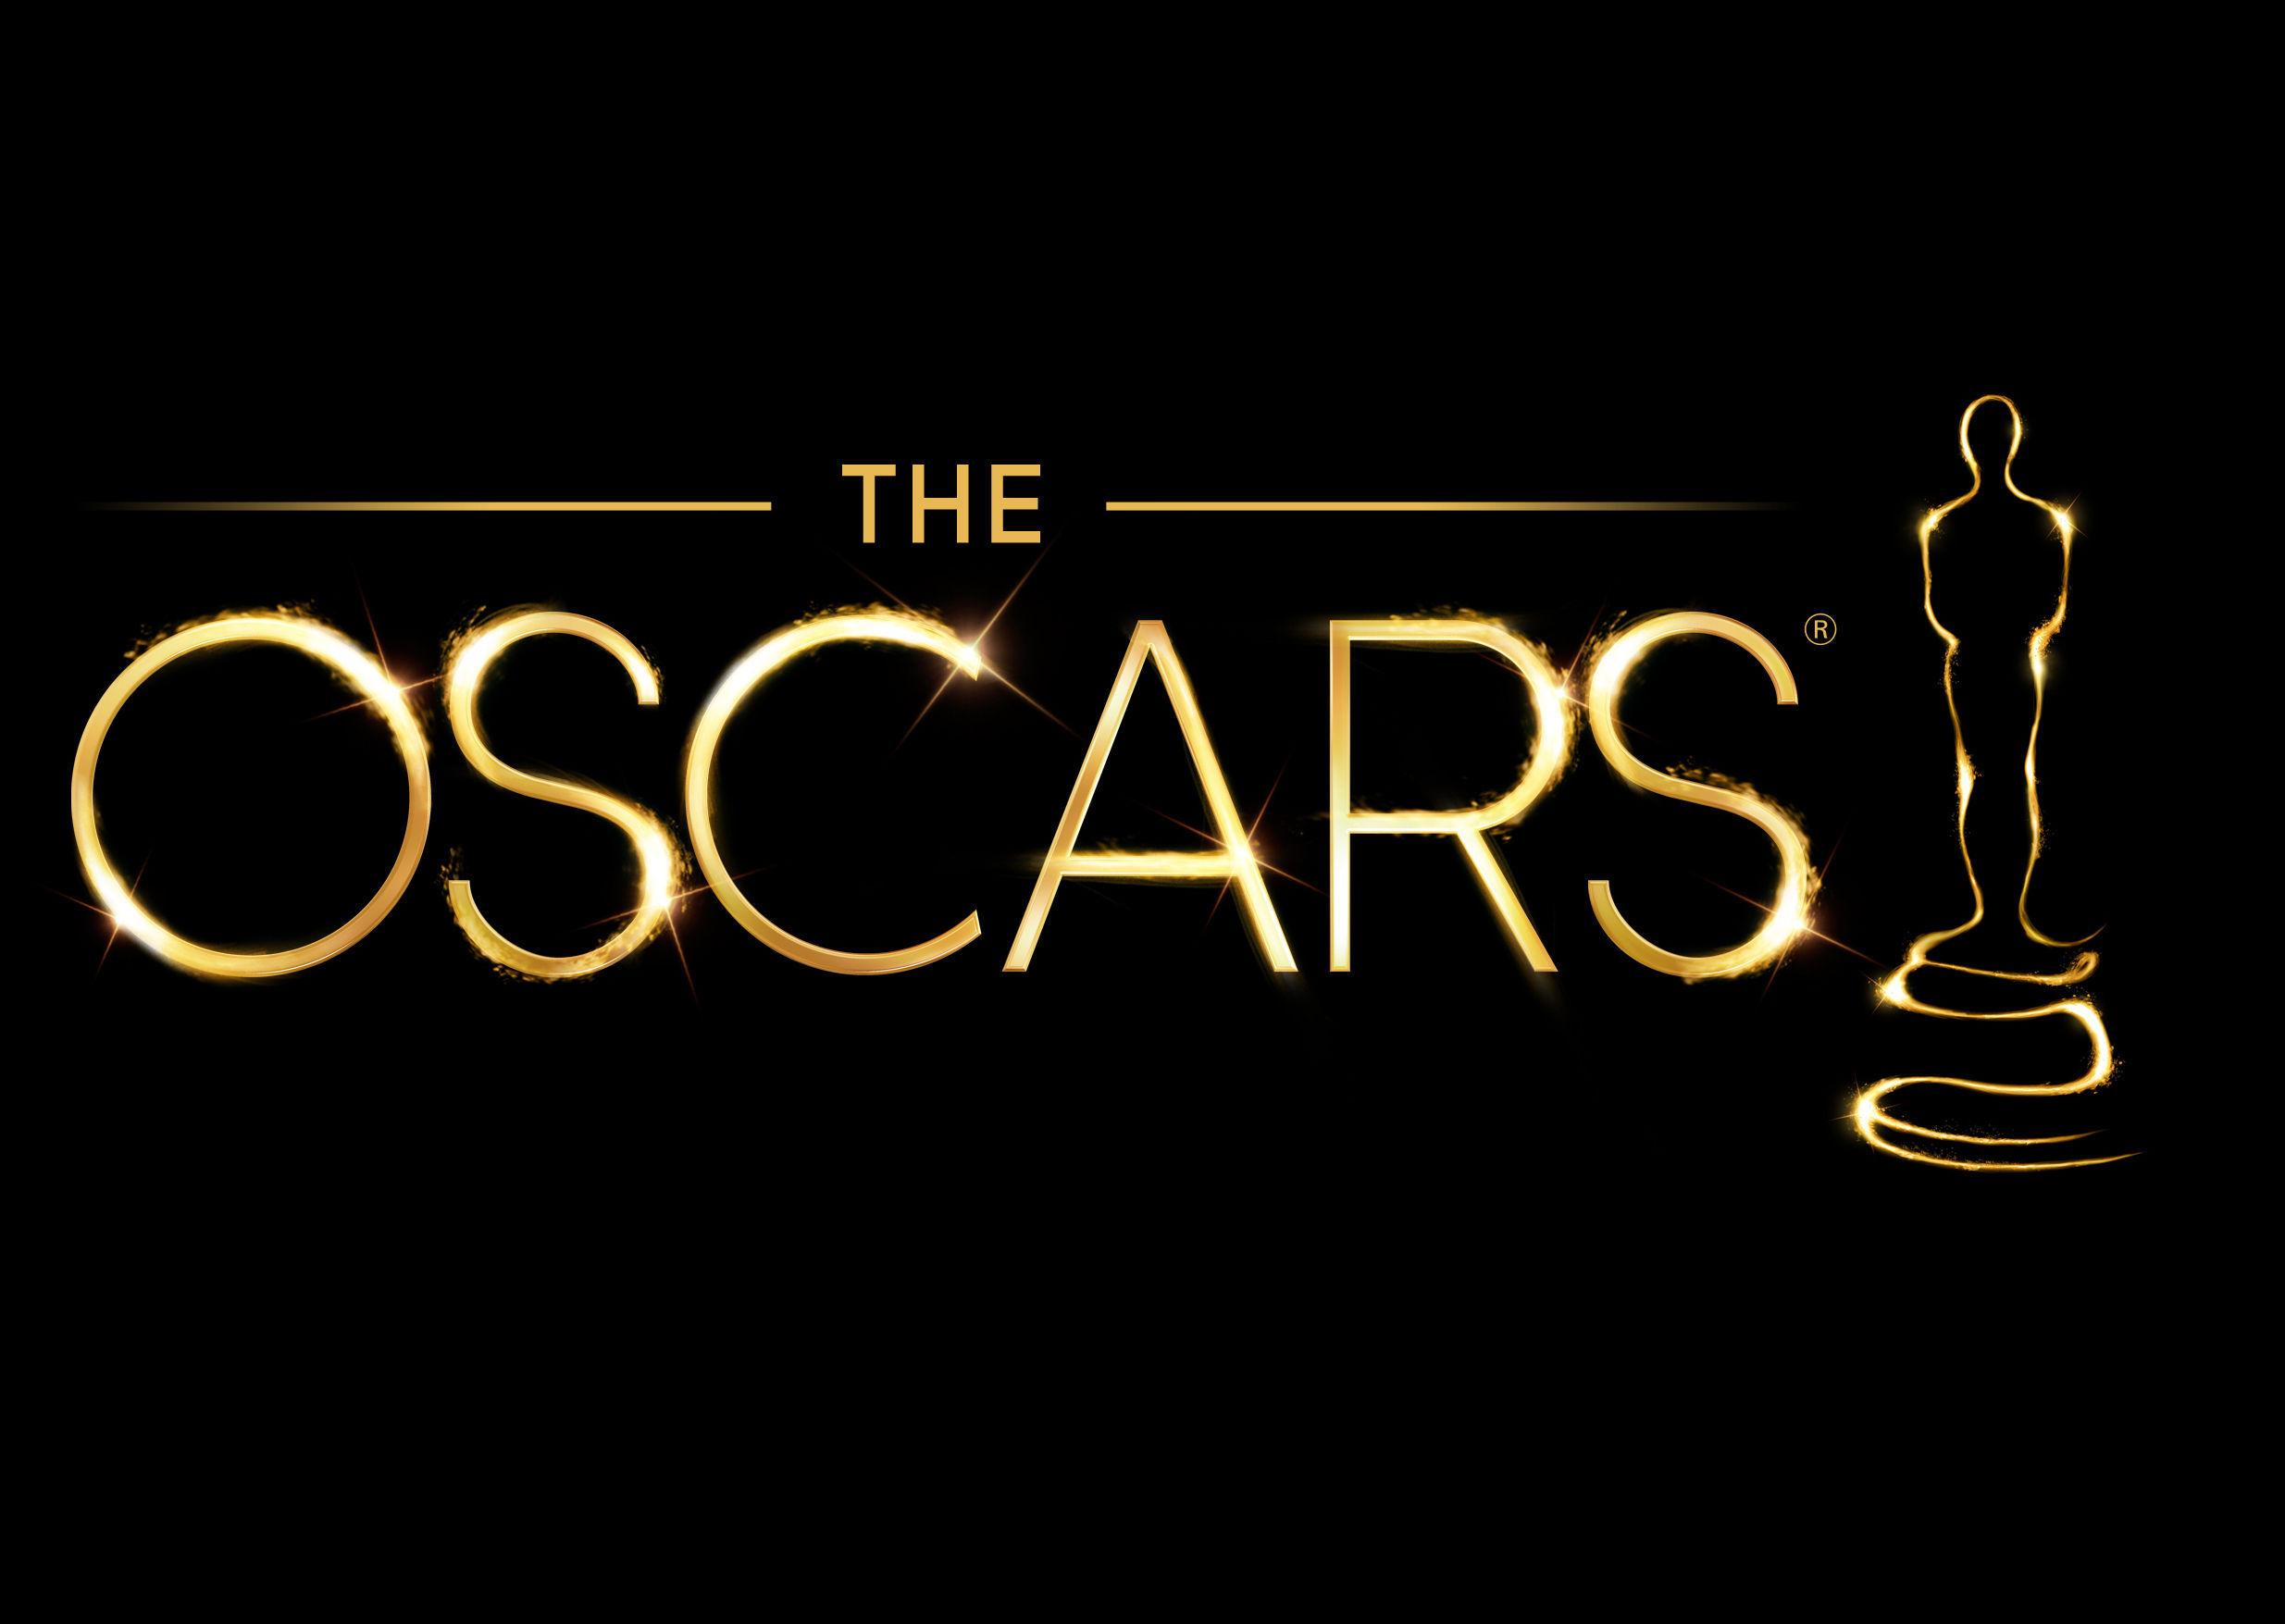 Para acabar una difícil, ¿cuántas veces ha estado nominado a los Oscars?